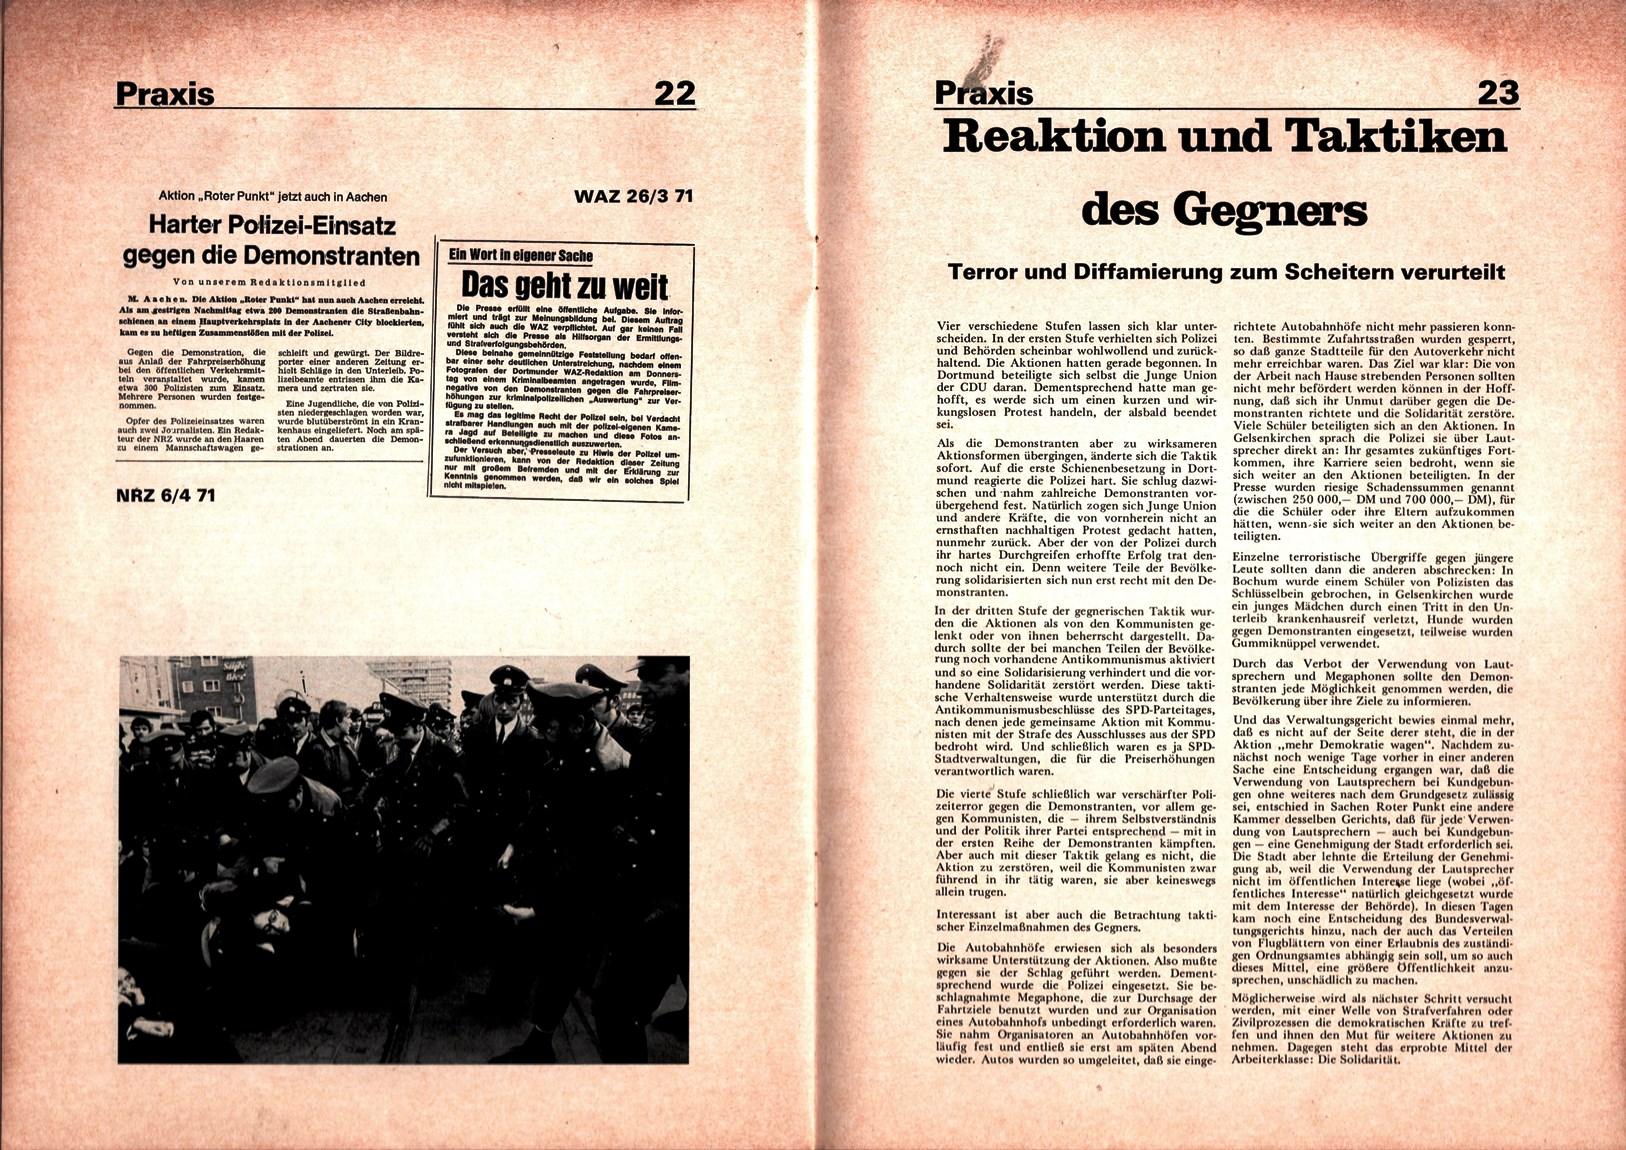 DKP_Praxis_1971_04_012